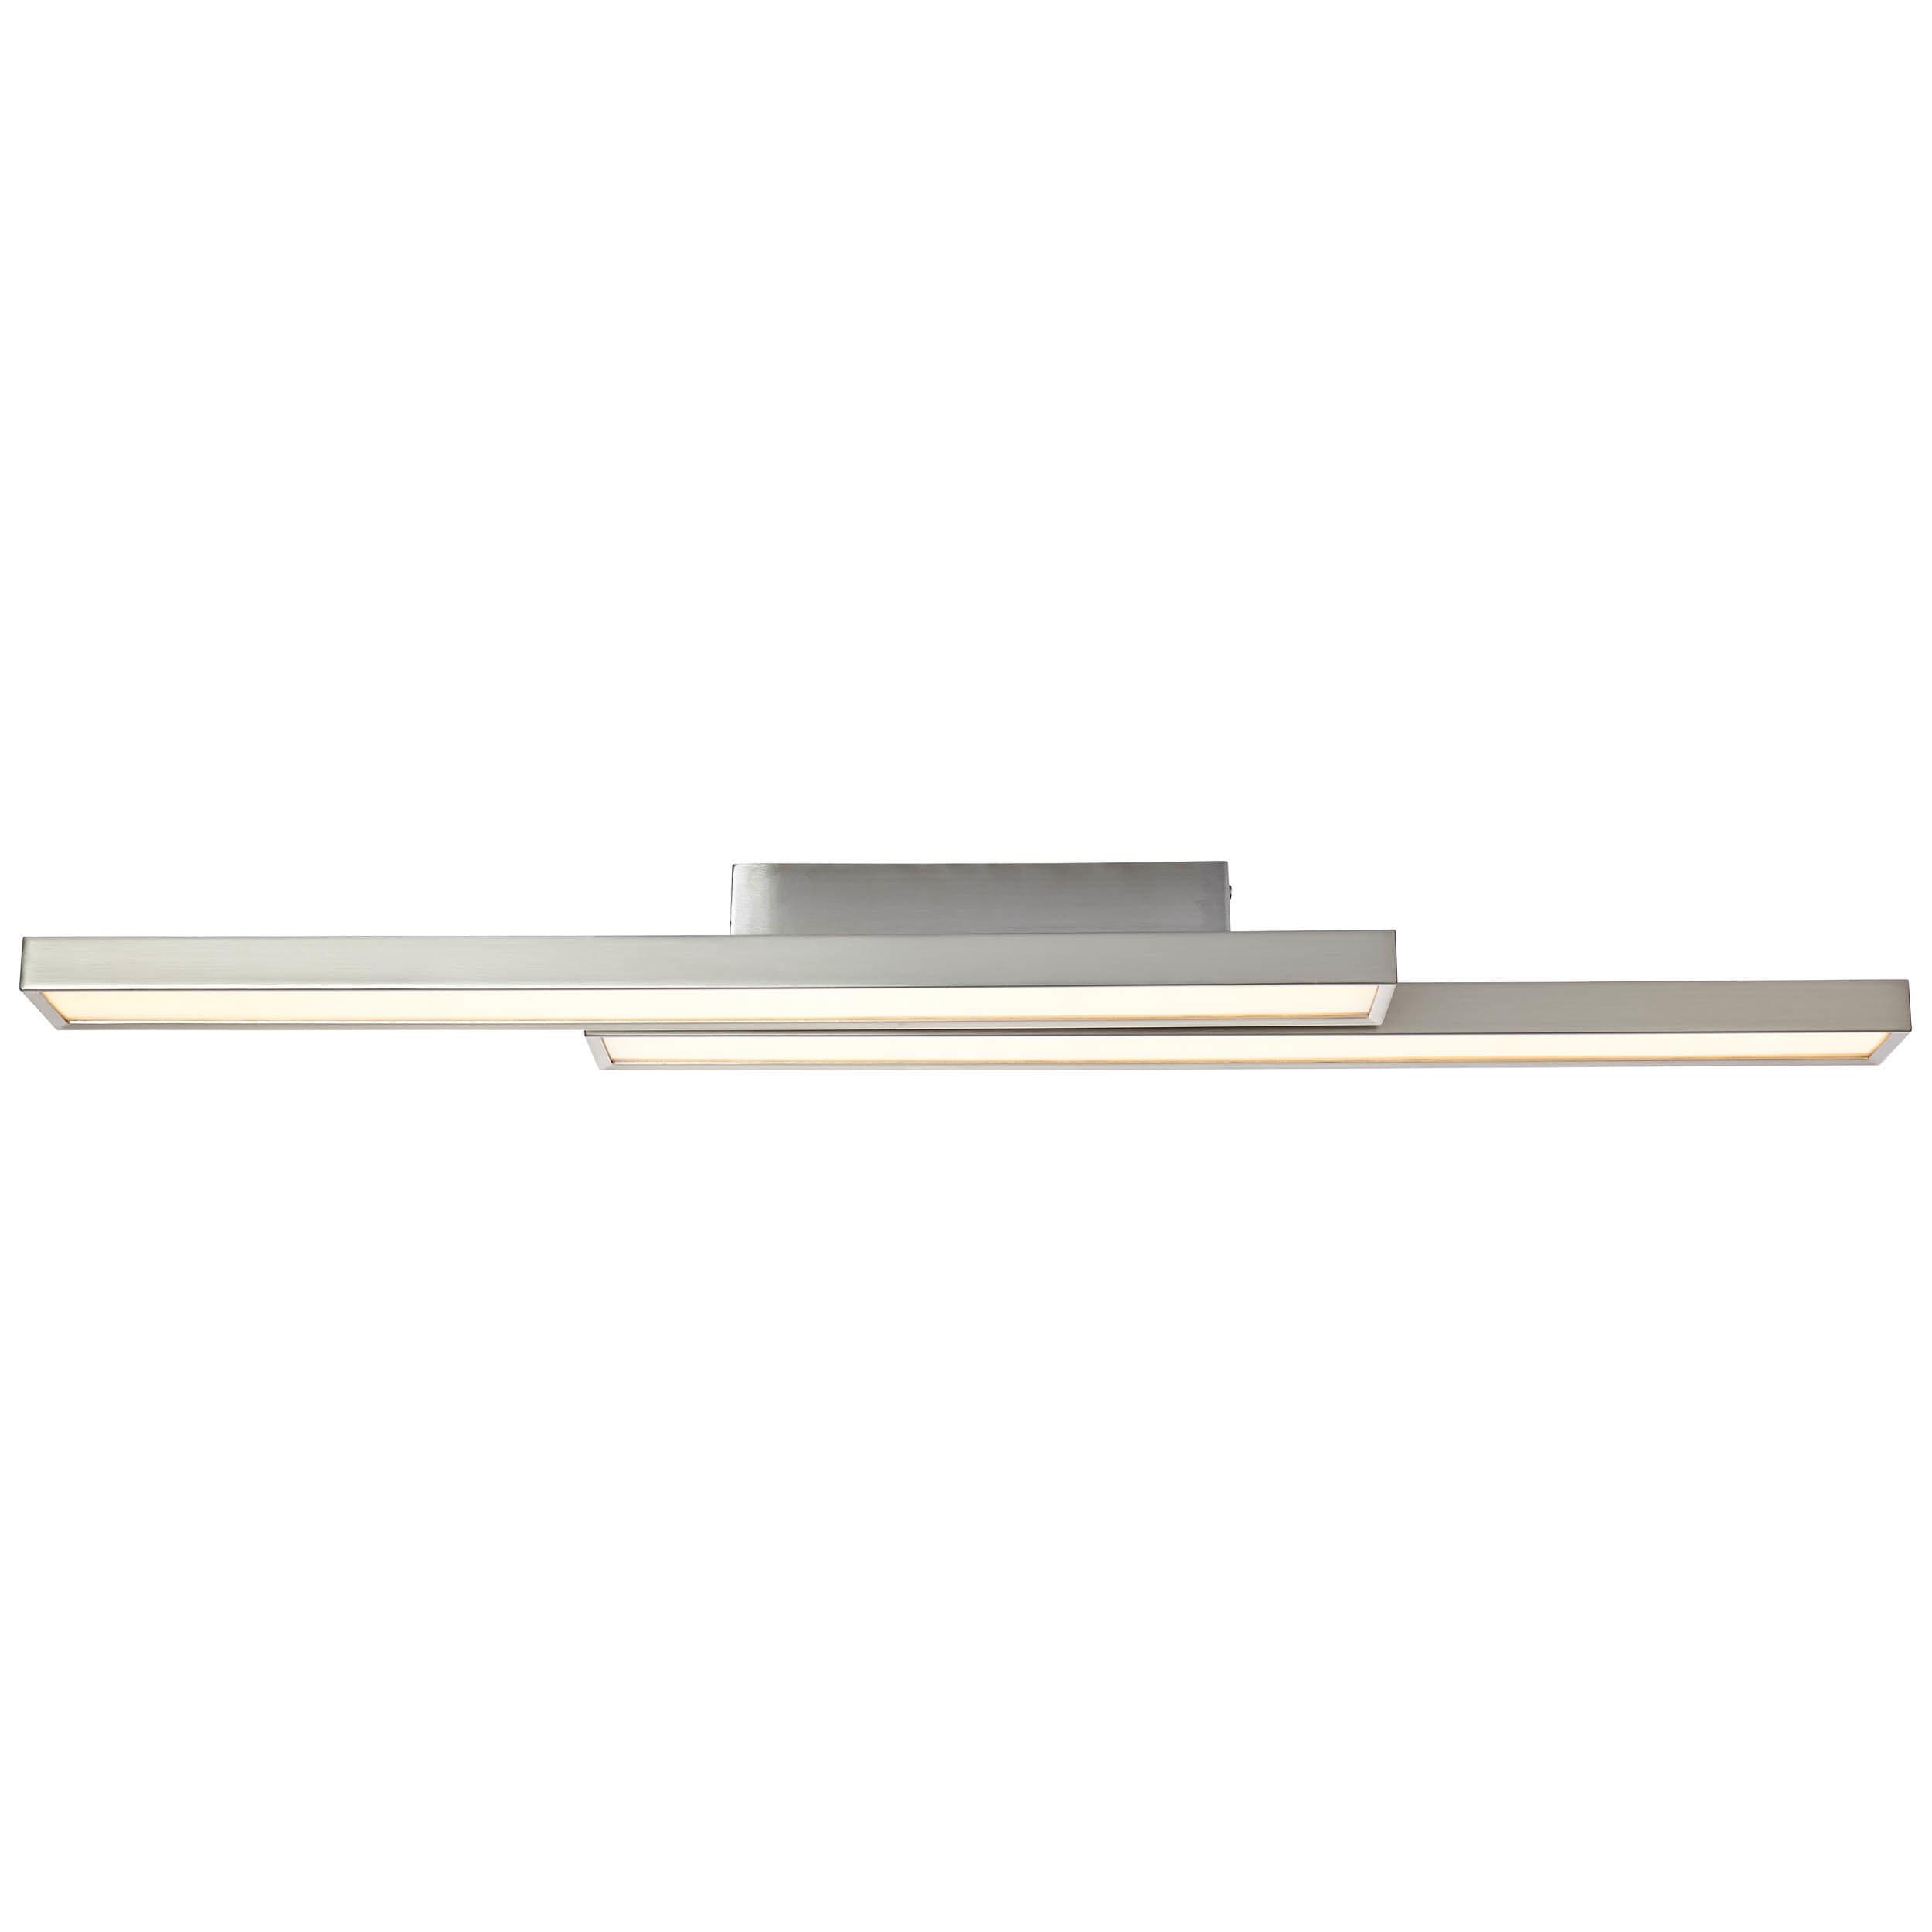 Brilliant Leuchten Sword LED Deckenleuchte 2flg nickel eloxiert/weiß WiZ-App